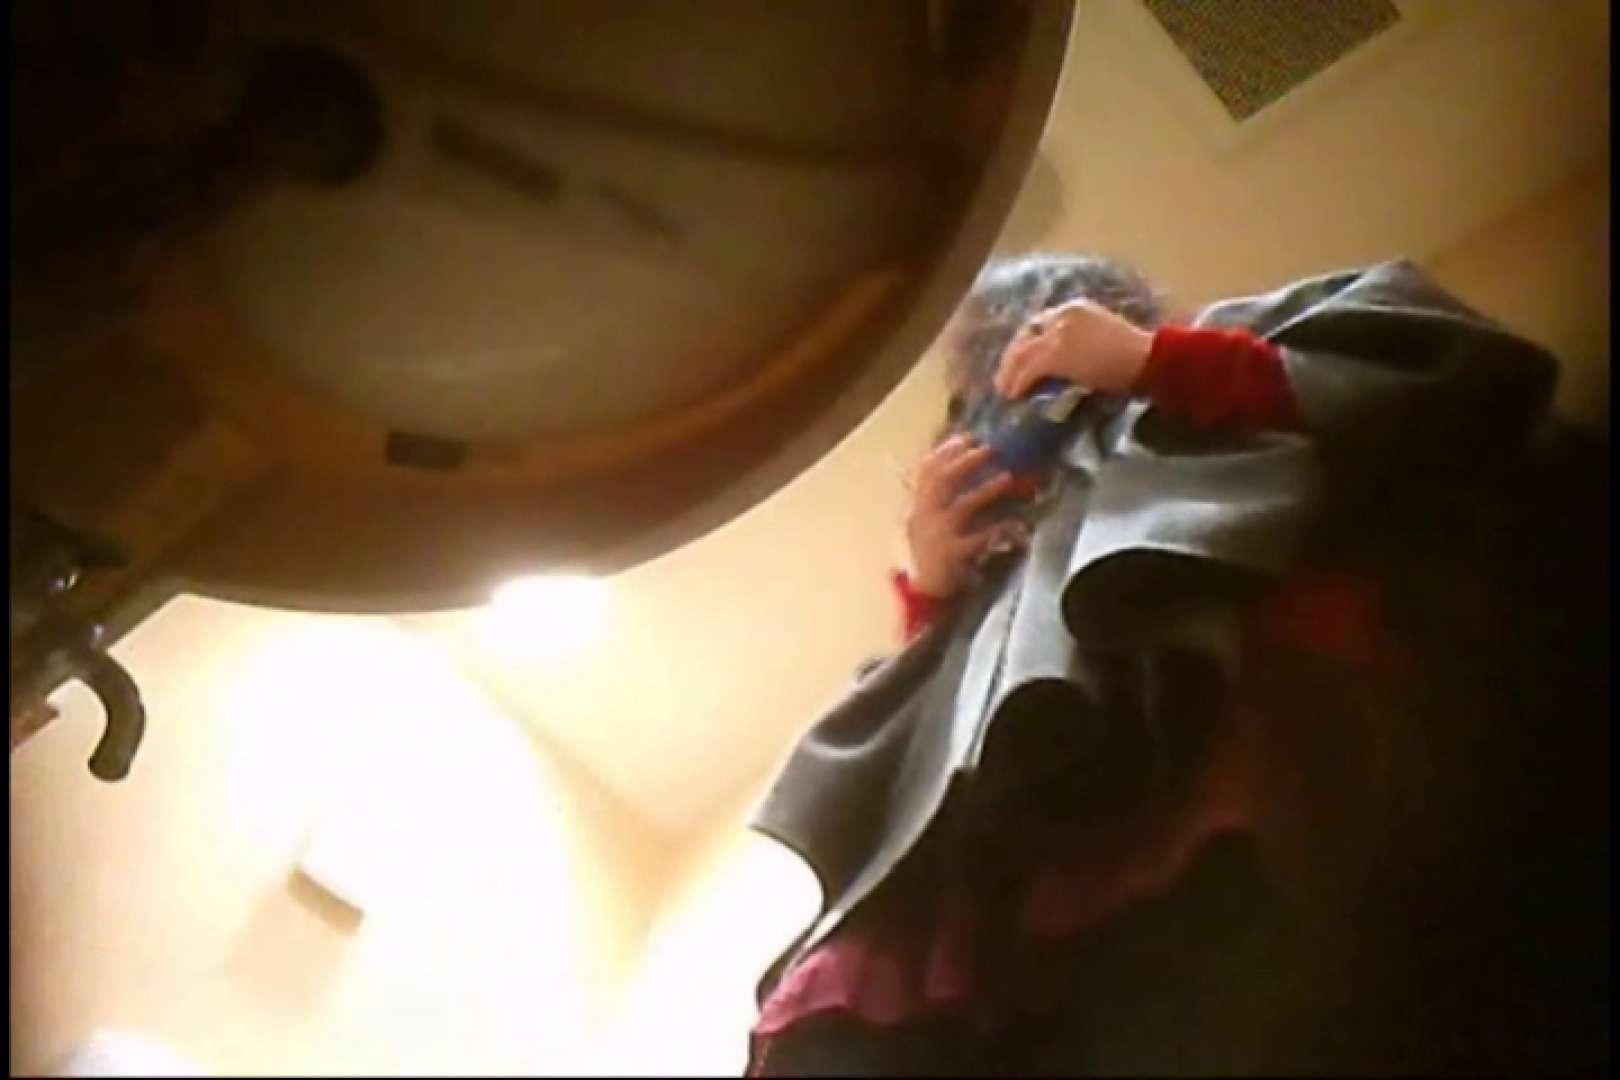 潜入!!女子化粧室盗撮~絶対見られたくない時間~vo,75 潜入突撃 エロ画像 96pic 43